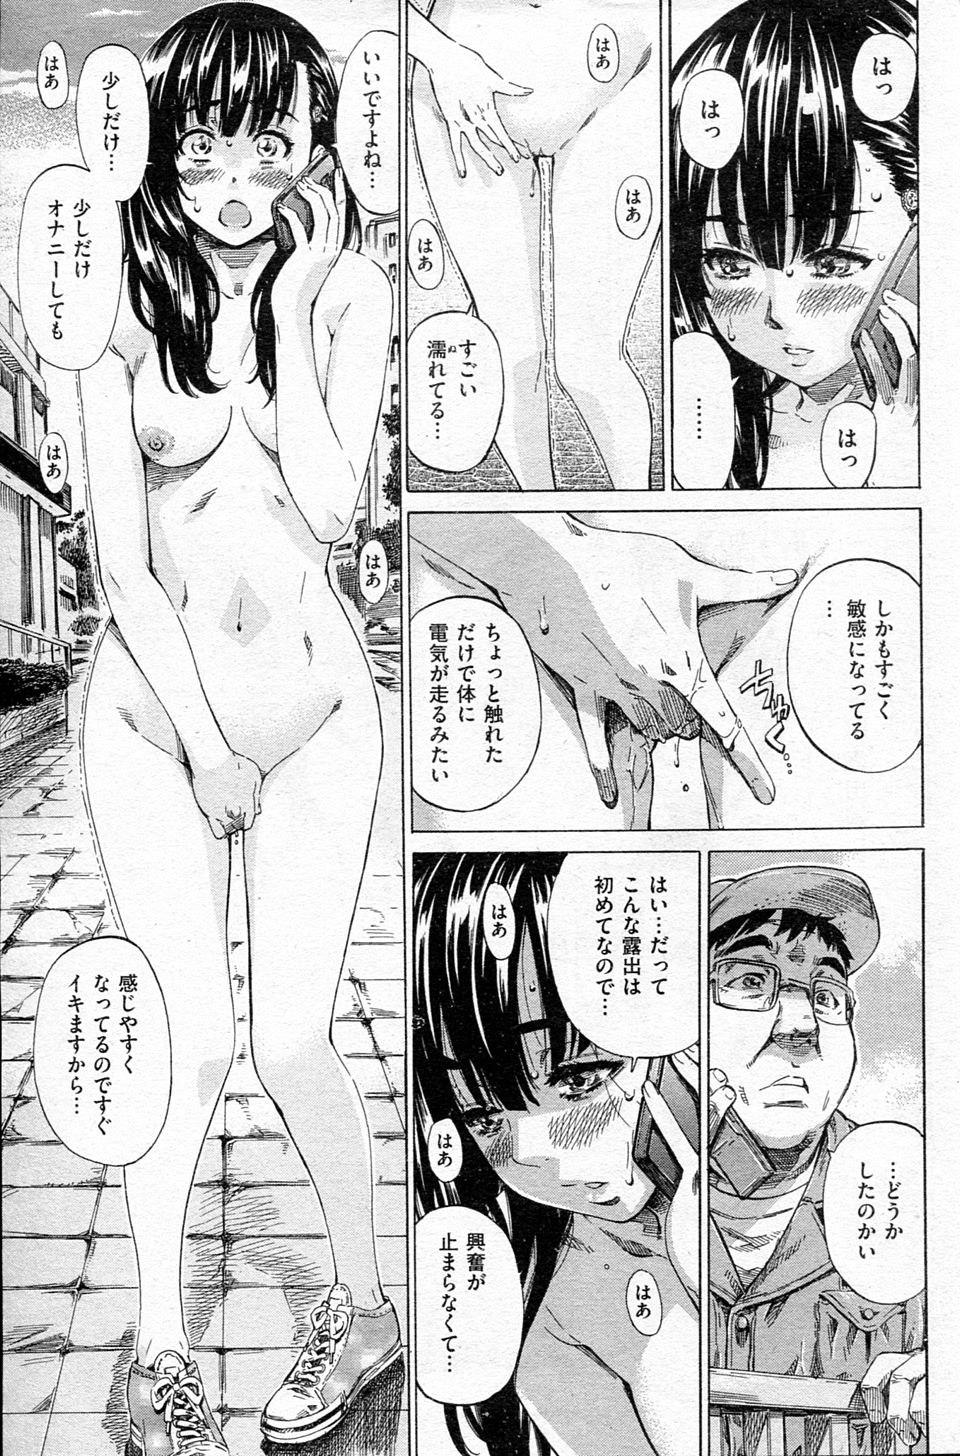 【エロ漫画・同人誌】いつもは地味で真面目な女子大生が毎週日曜日になると用務員のおじさんに調教セックスされるwww 007